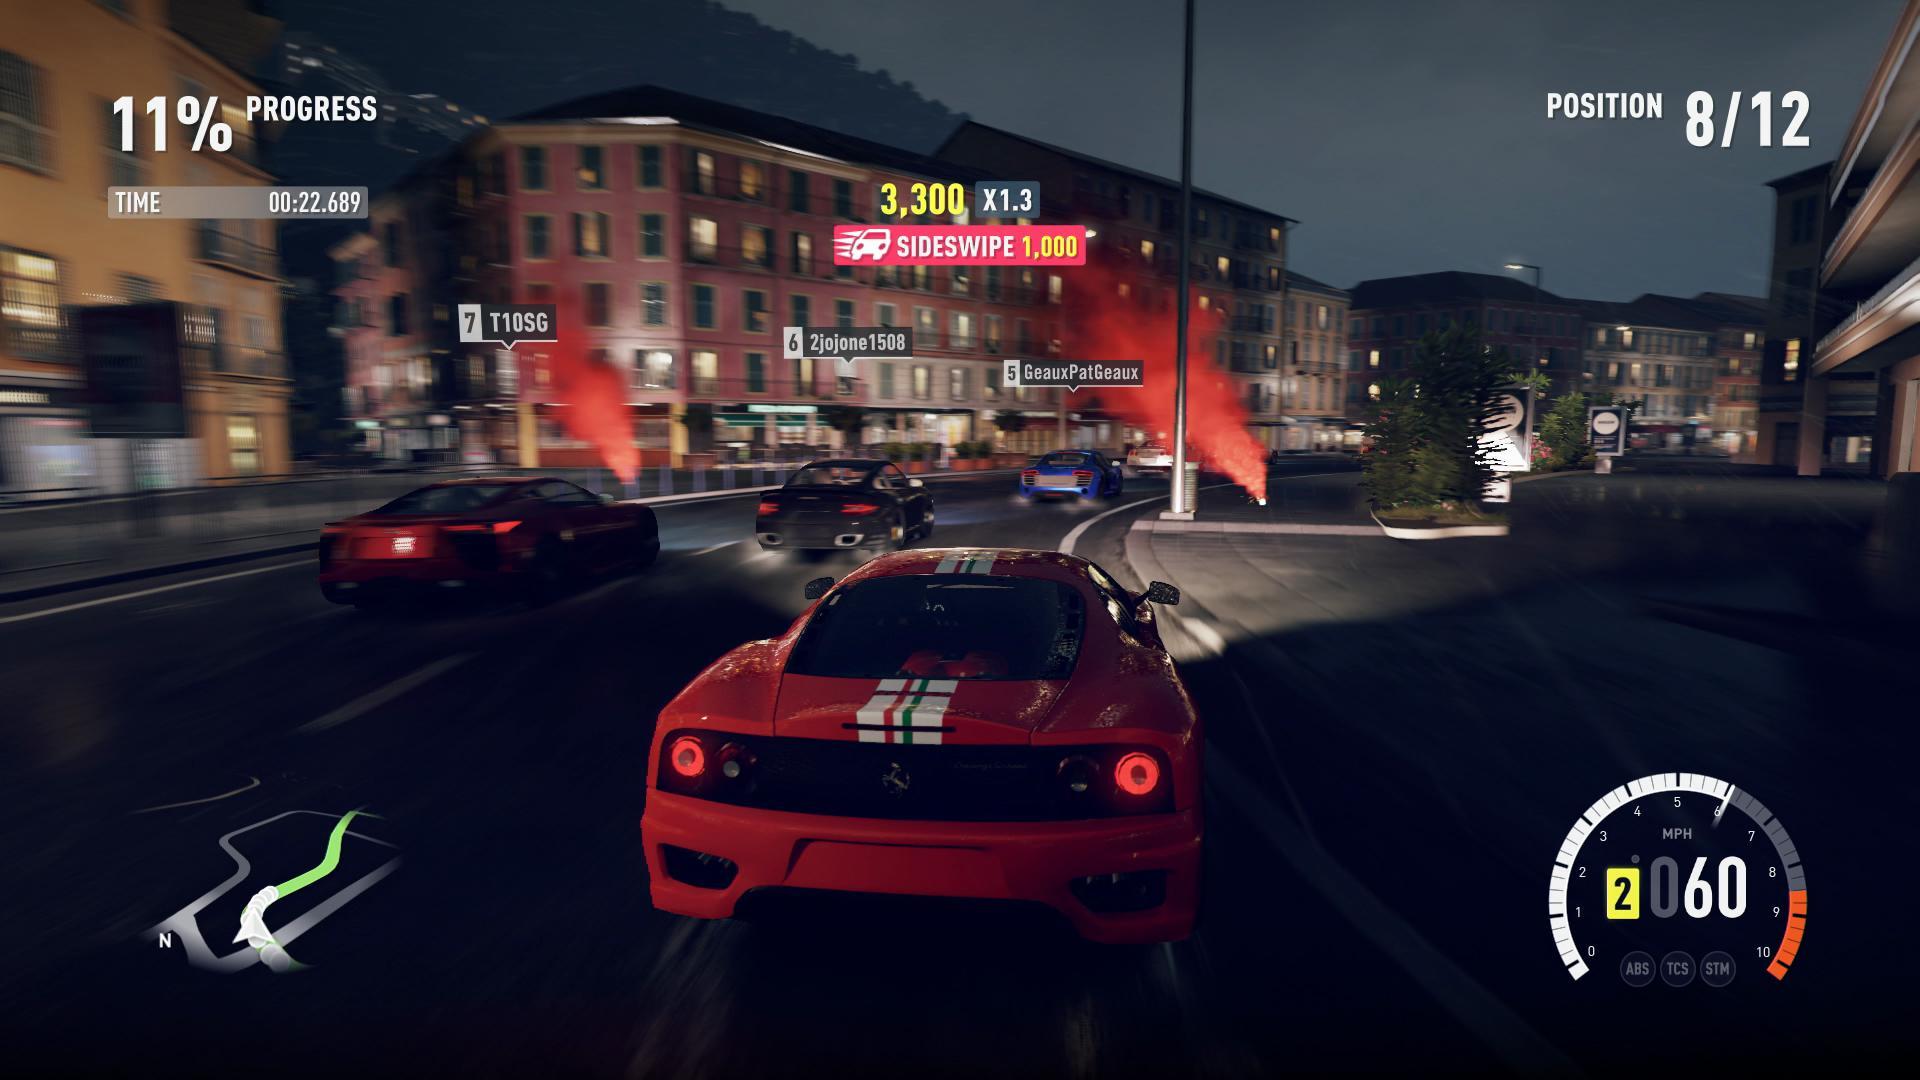 Десятилетие серии Forza: Часть 2: Horizon.. - Изображение 9